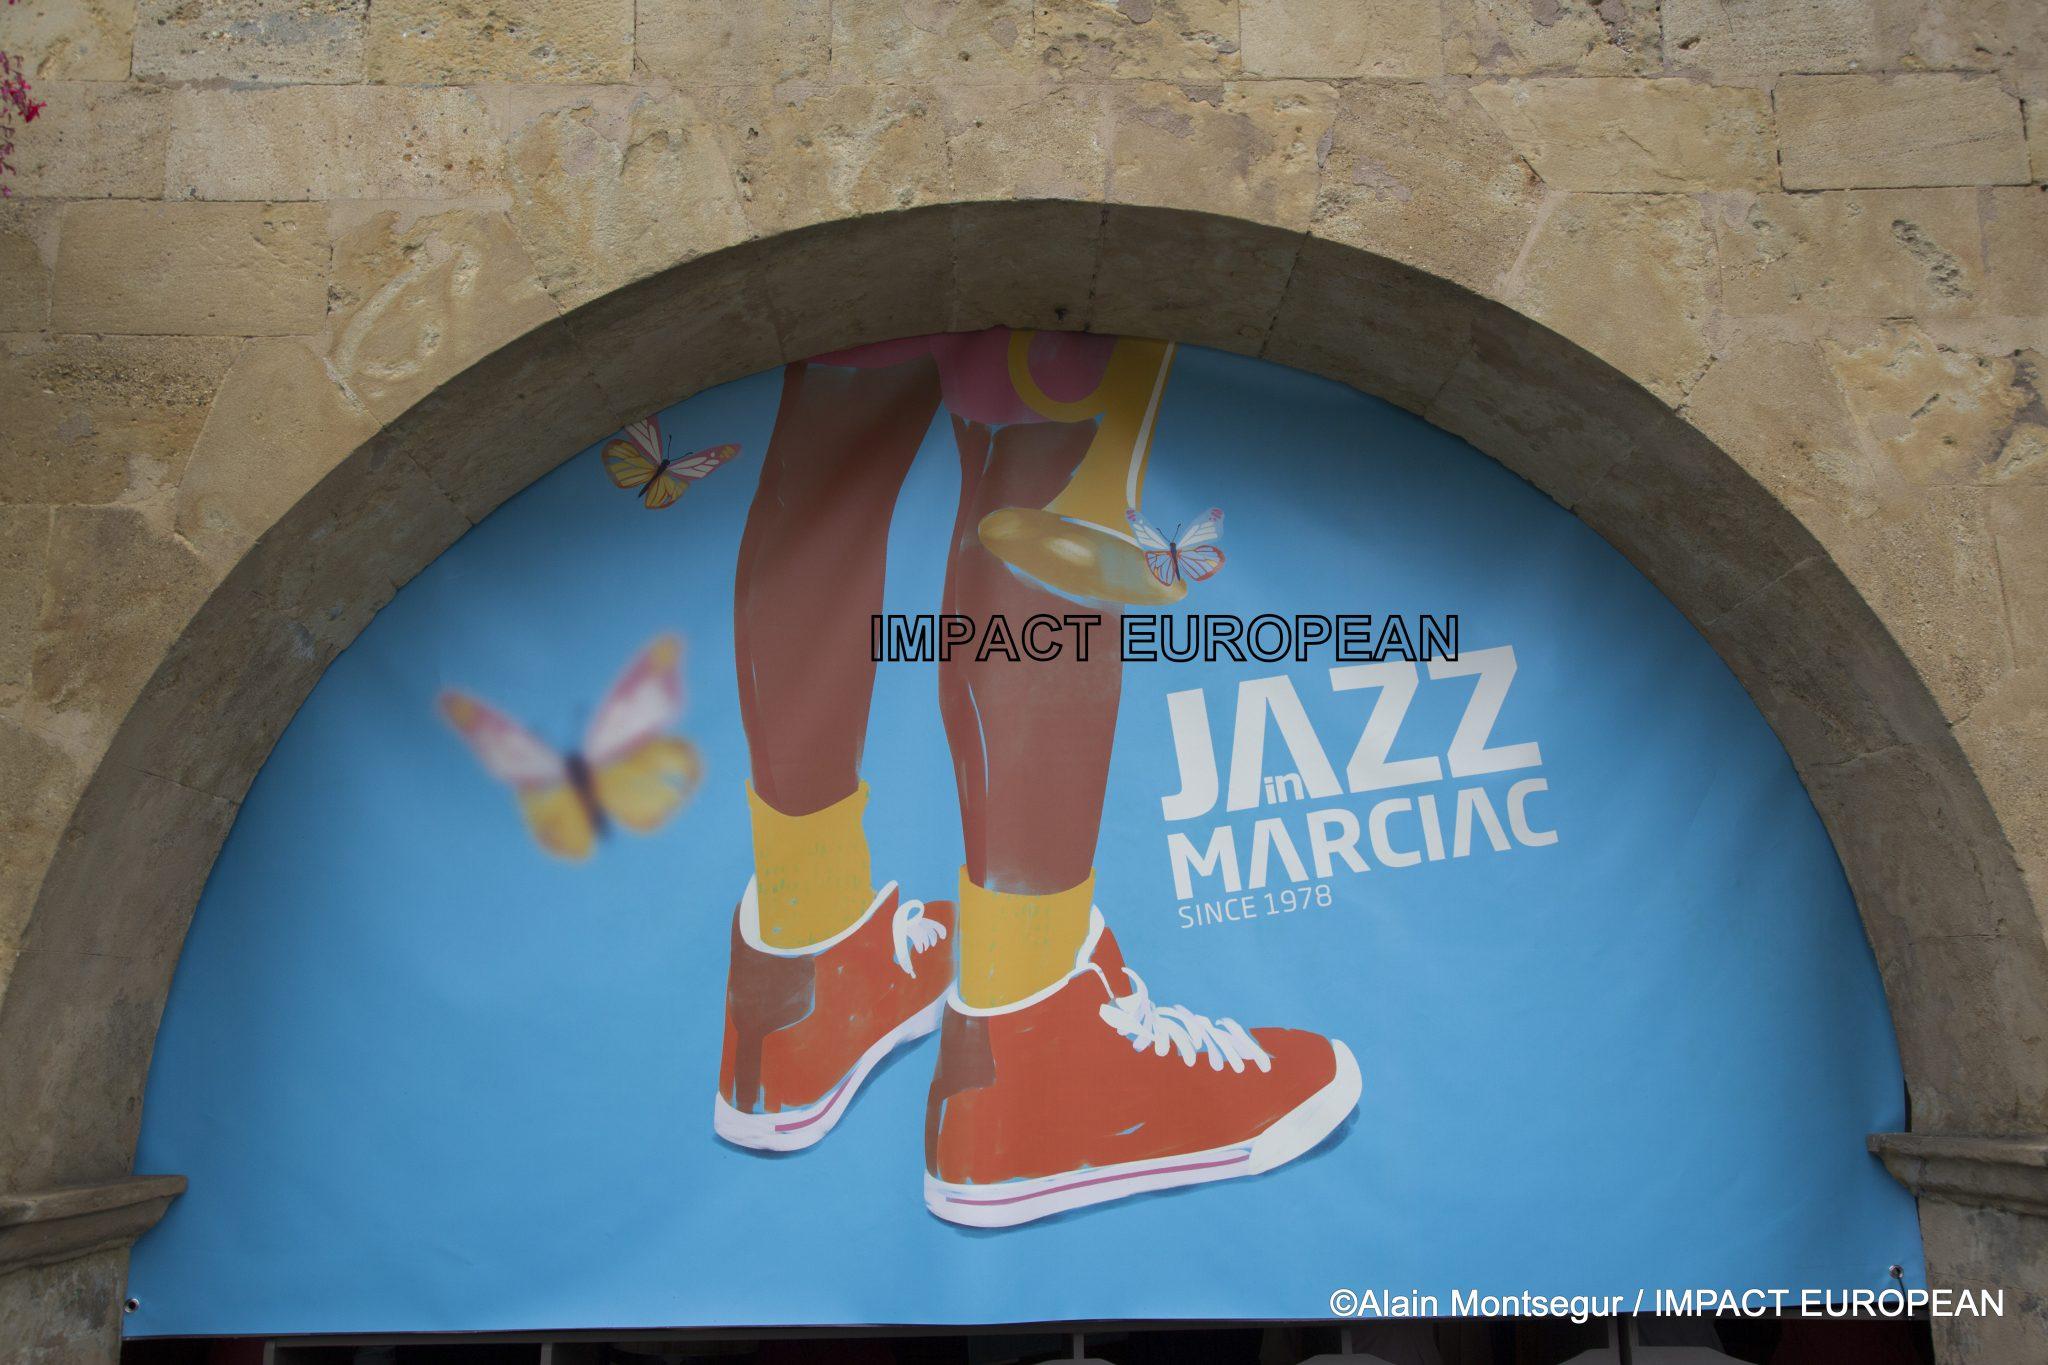 George Benson au Festival de jazz de Marciac